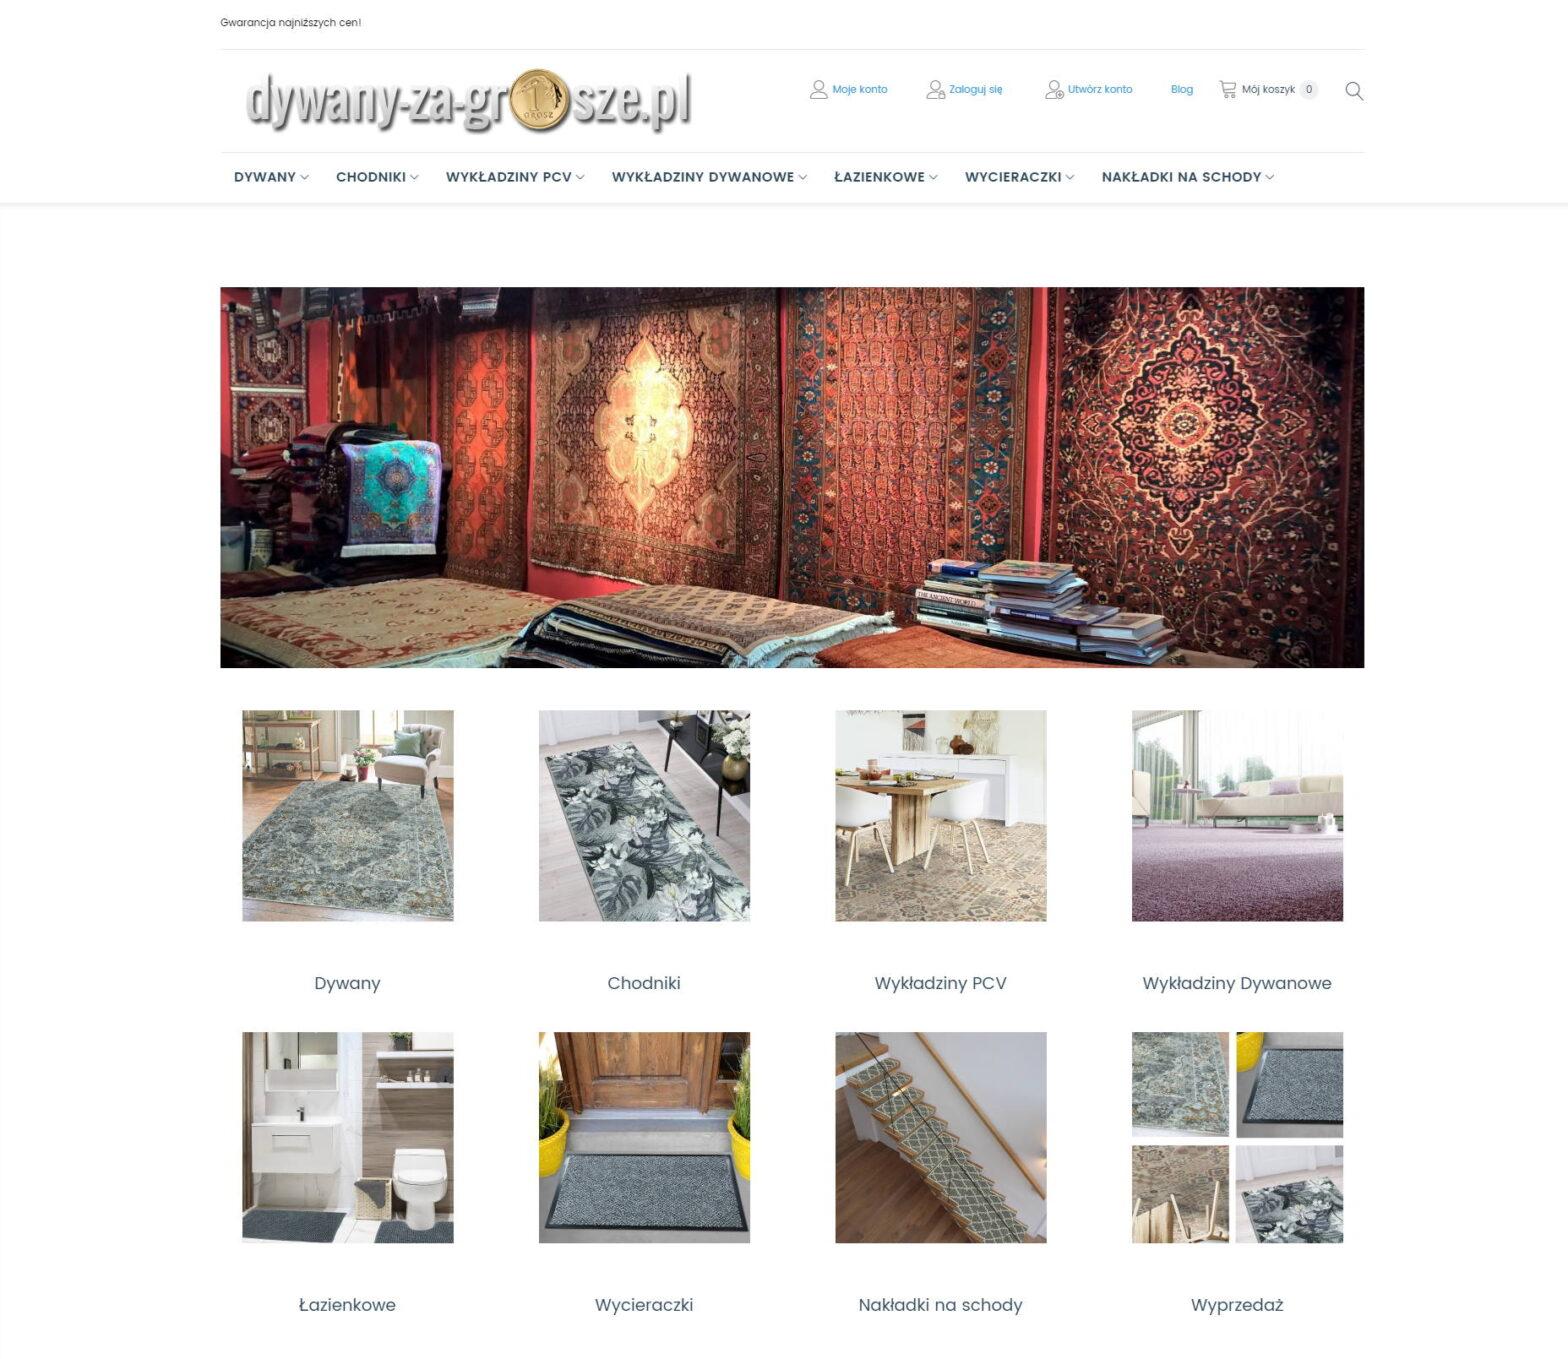 dywany-za-grosze.pl największy wybór dywanów